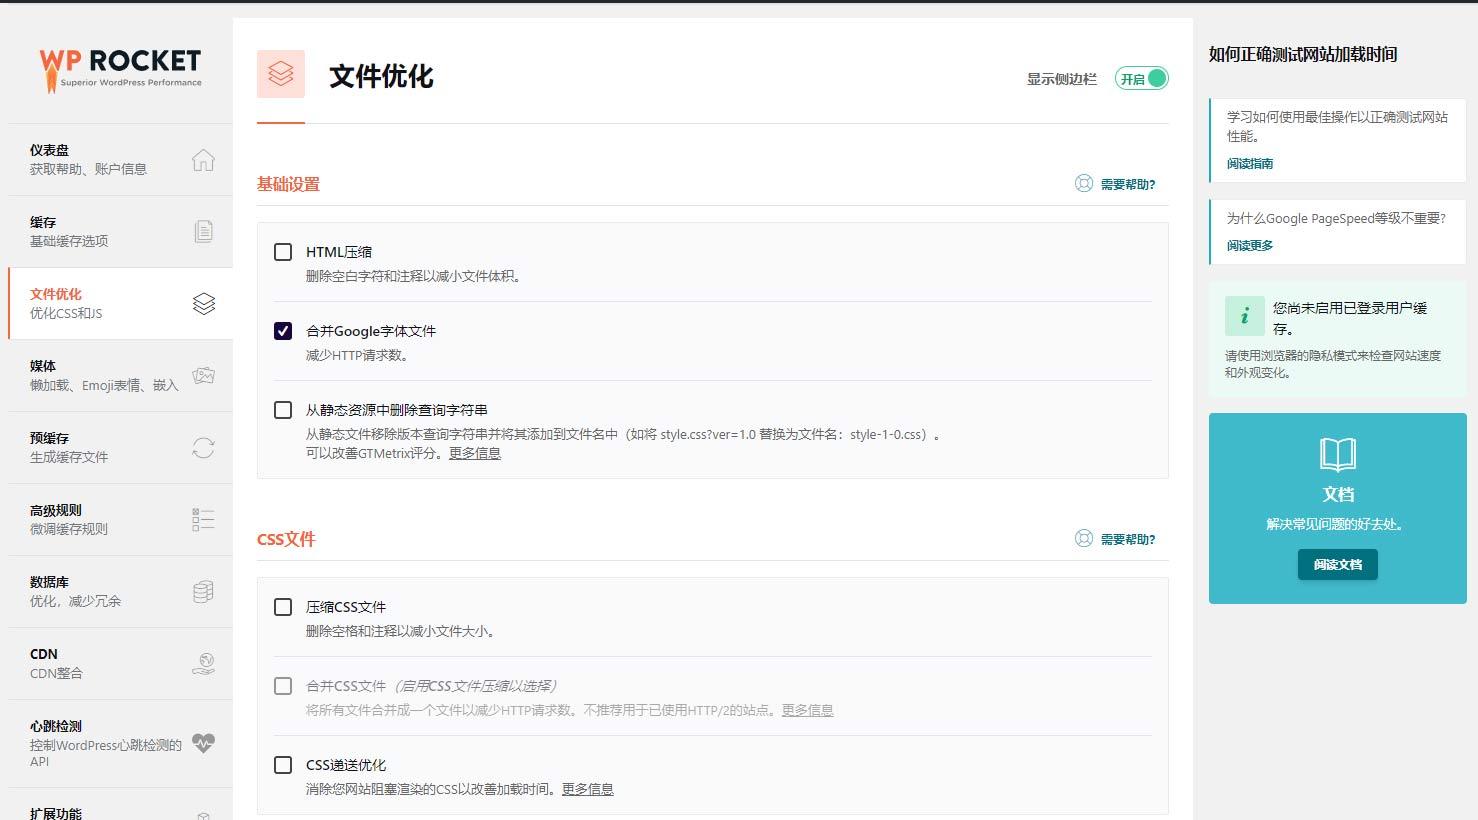 wordpress网站加速优化插件WP Rocket v3.7 中文汉化专业破解版-后台功能展示